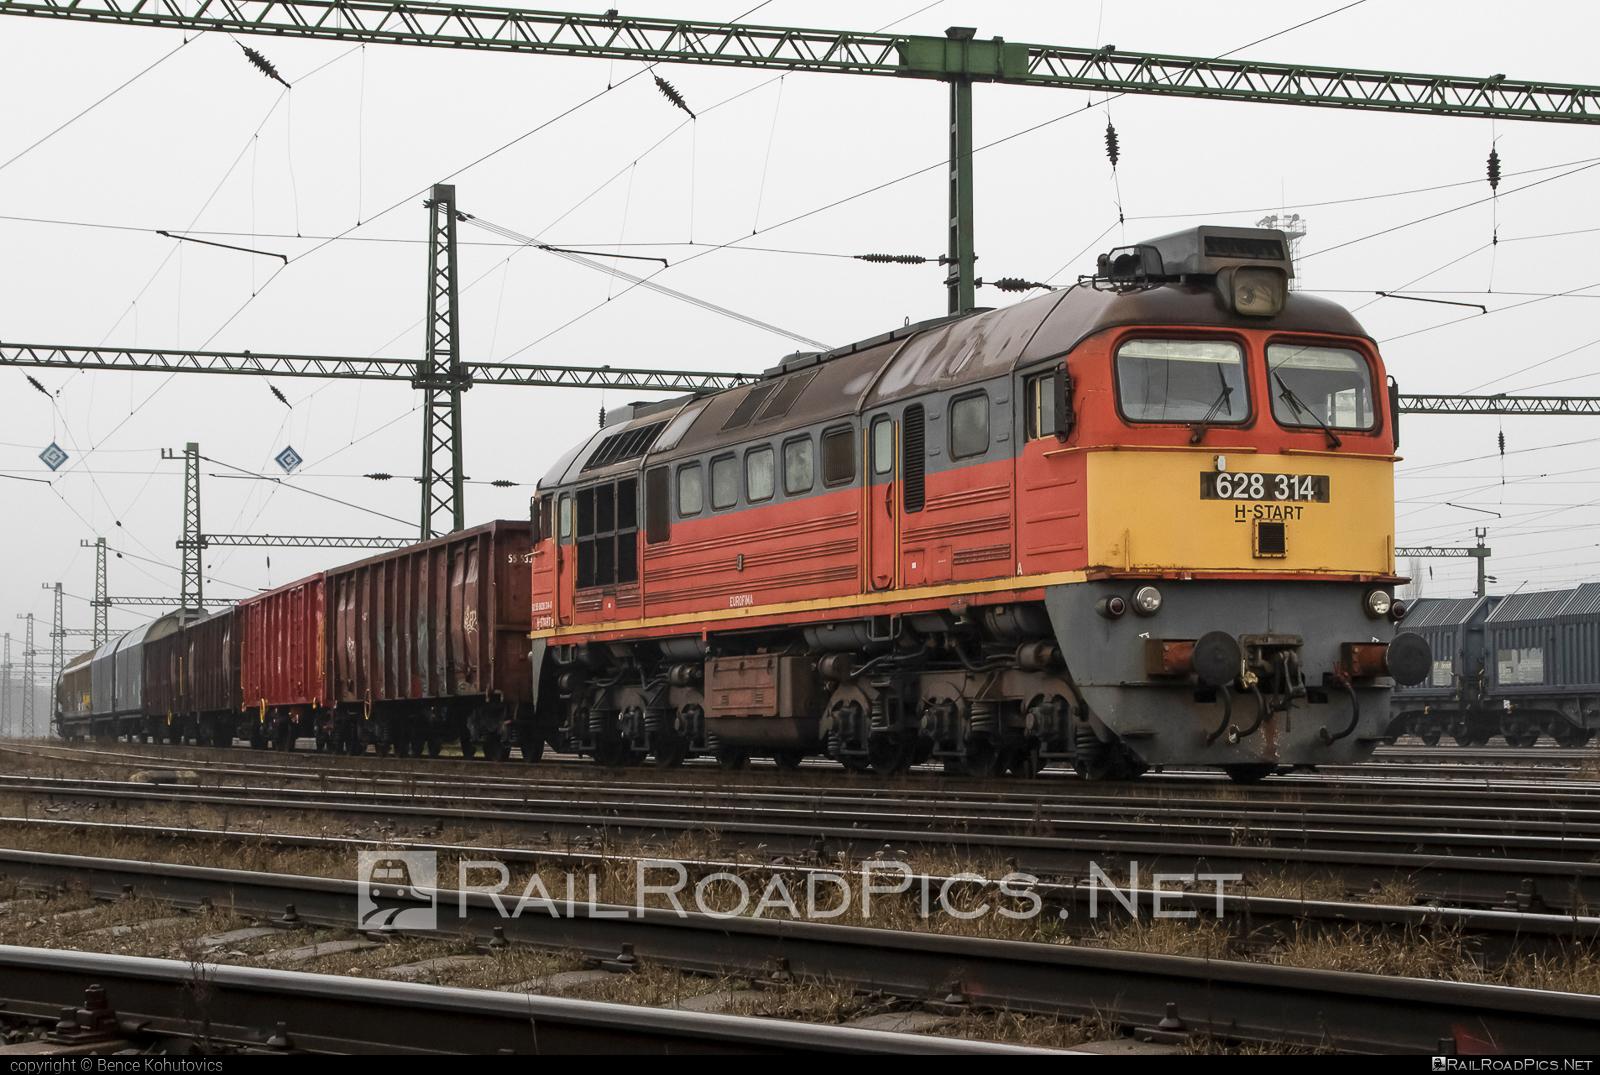 Lugansk M62 - 628 314 operated by Magyar Államvasutak ZRt. #locomotivem62 #ltz #ltzm62 #lugansk #luganskteplovoz #luhansklocomotiveworks #luhanskm62 #luhanskteplovoz #m62 #m62locomotive #magyarallamvasutak #magyarallamvasutakzrt #mav